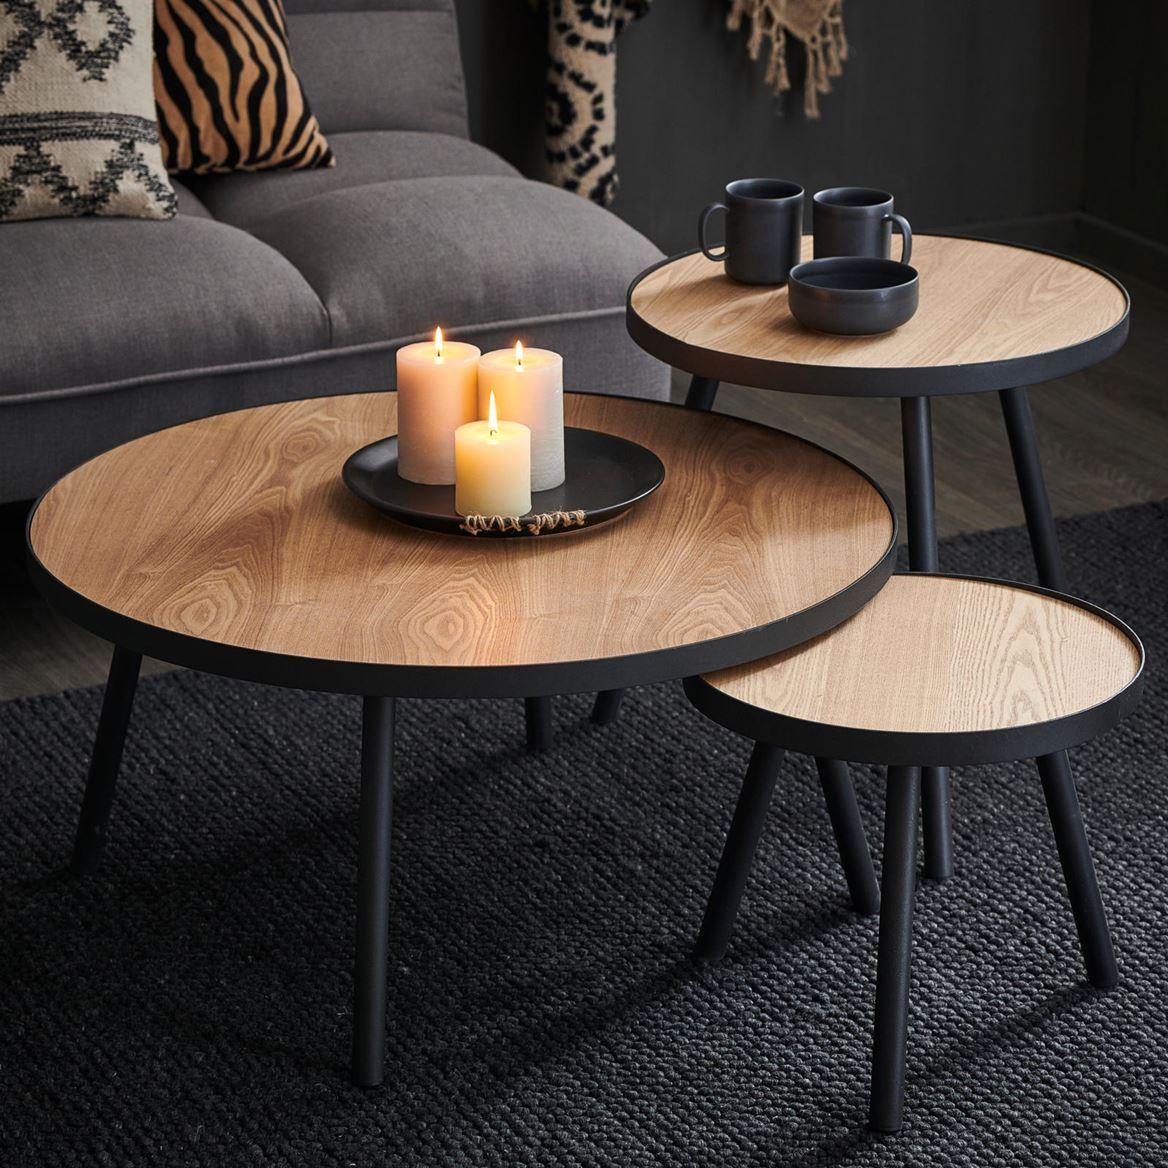 Alexis Table D Appoint Noir Naturel H 36 Cm O 40 Cm En 2020 Table De Salon Decoration Table Basse Table D Appoint